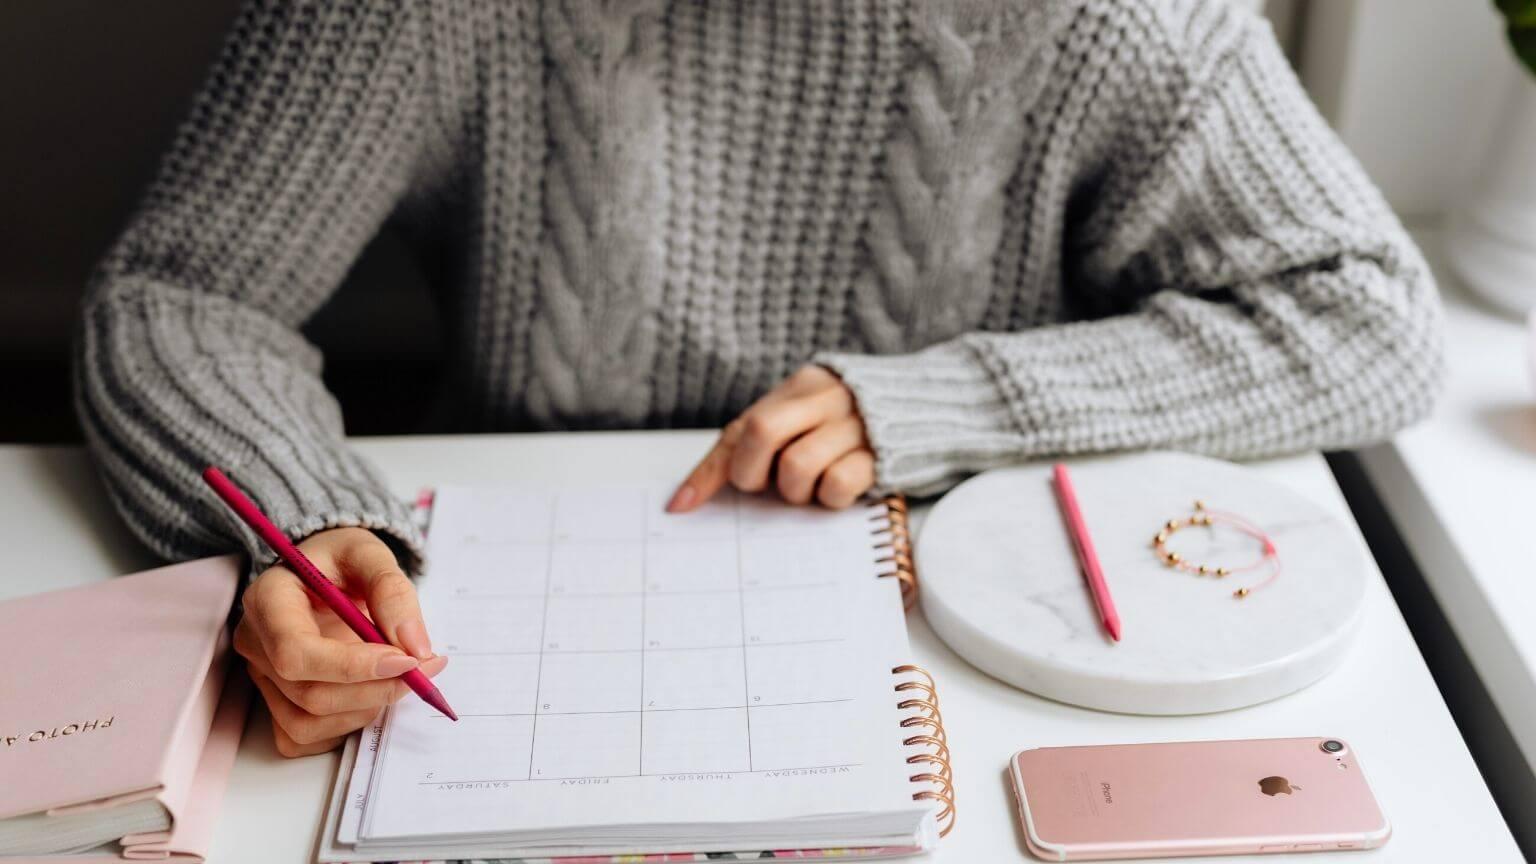 Comment bien organiser son mois - Cover Post